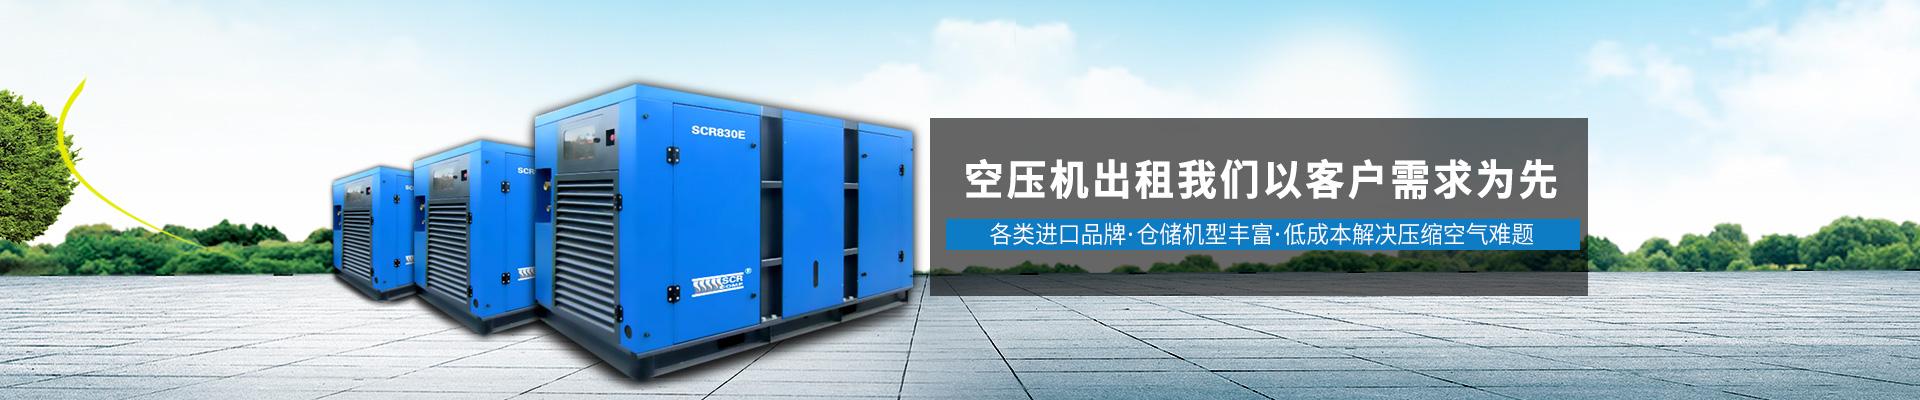 斯可络-提供空压机出租服务